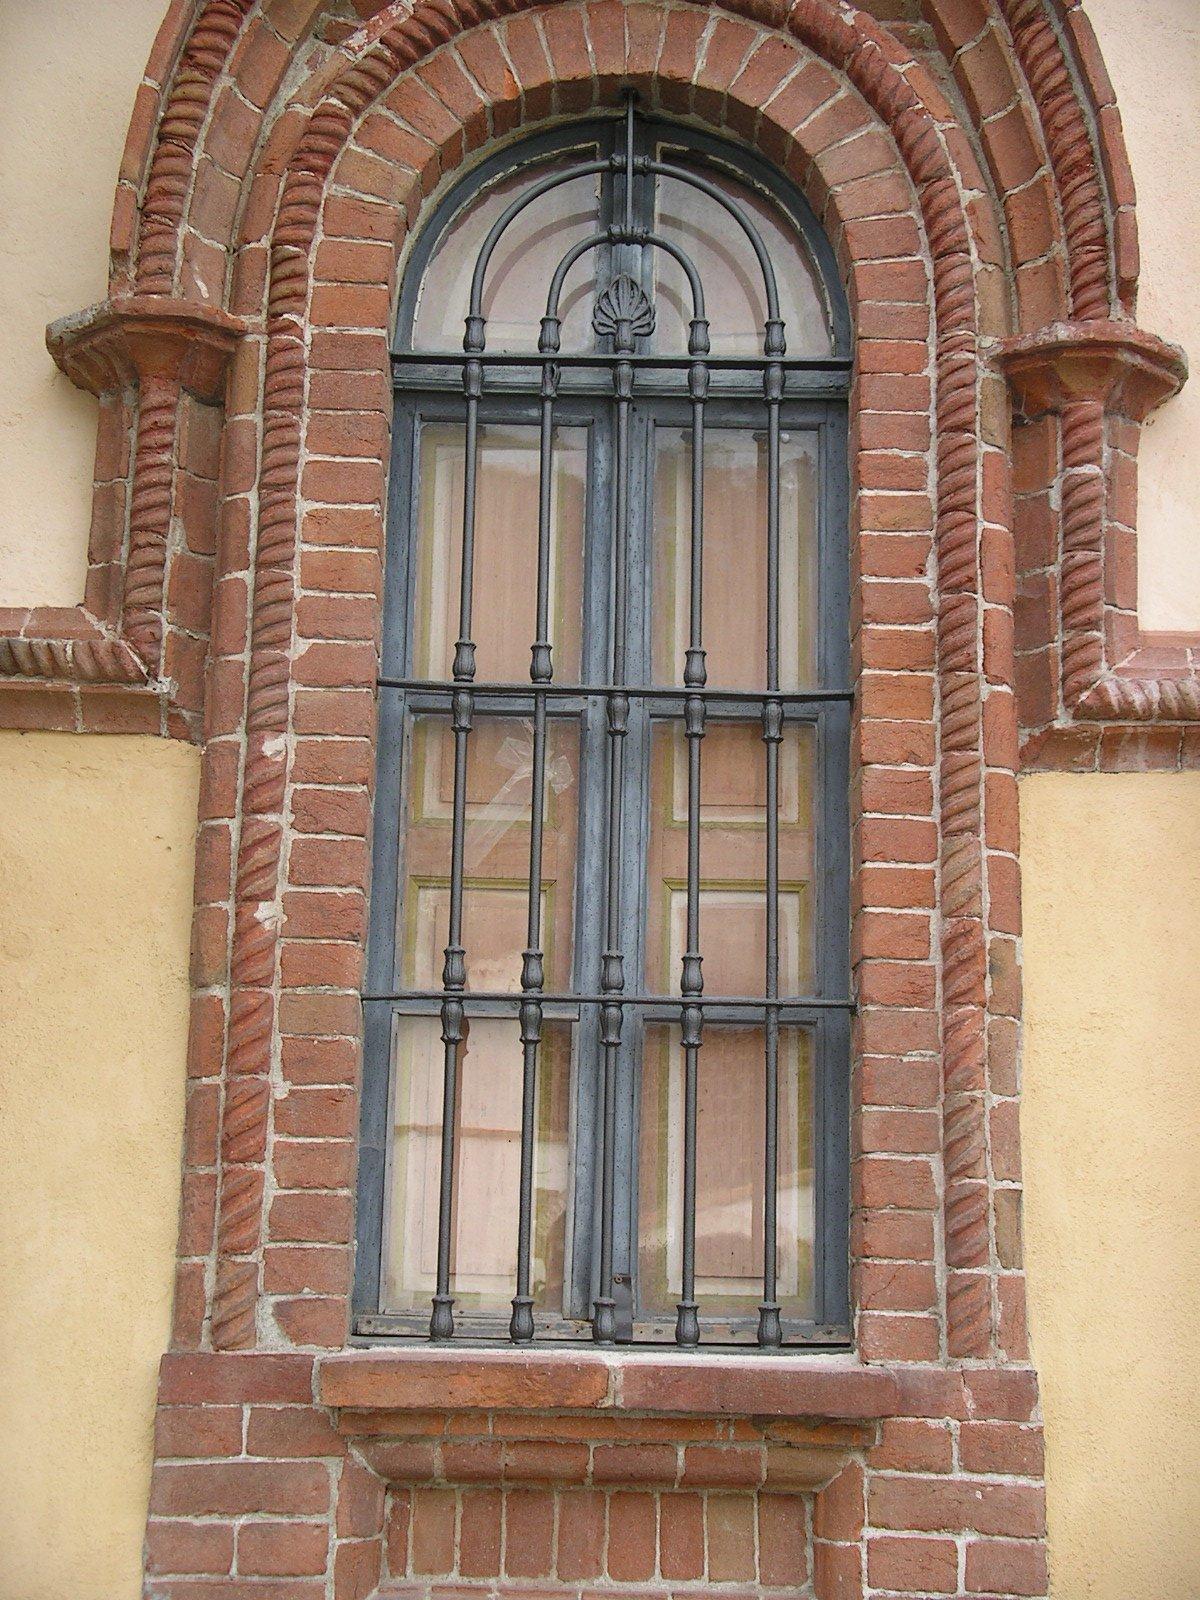 finestra con griglia in ferro in una casa antica